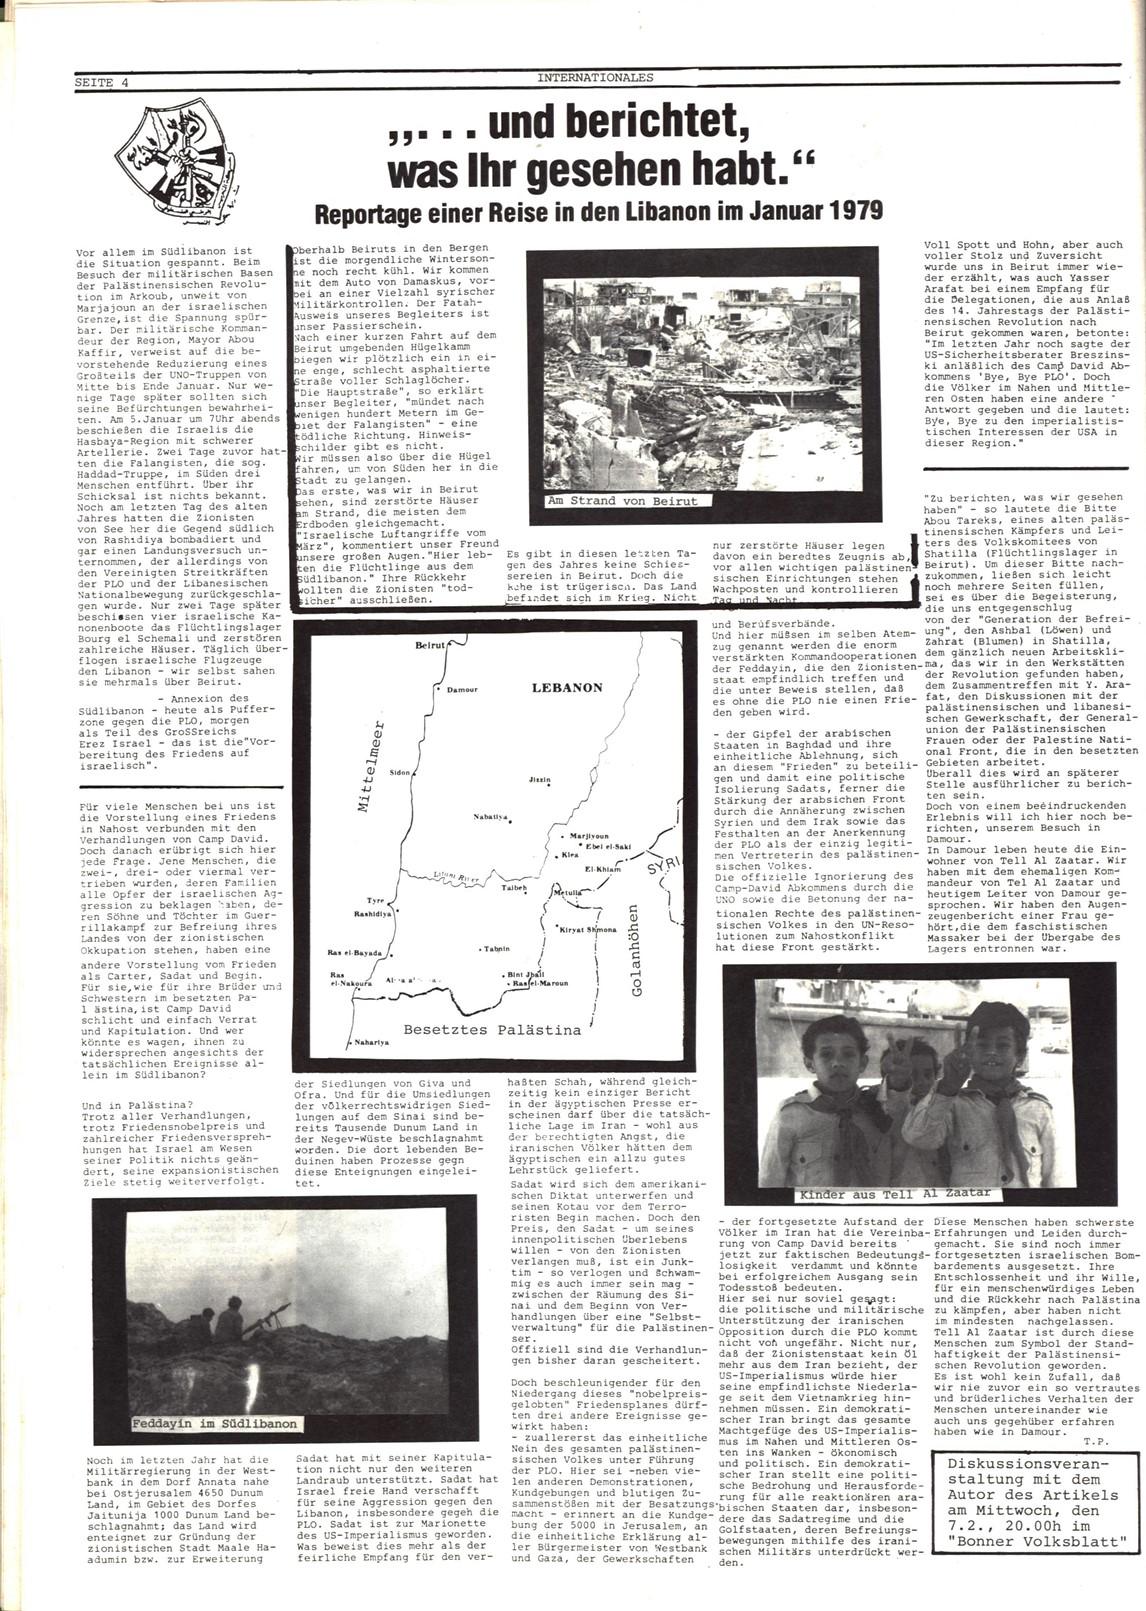 Bonner_Volksblatt_21_19790130_04